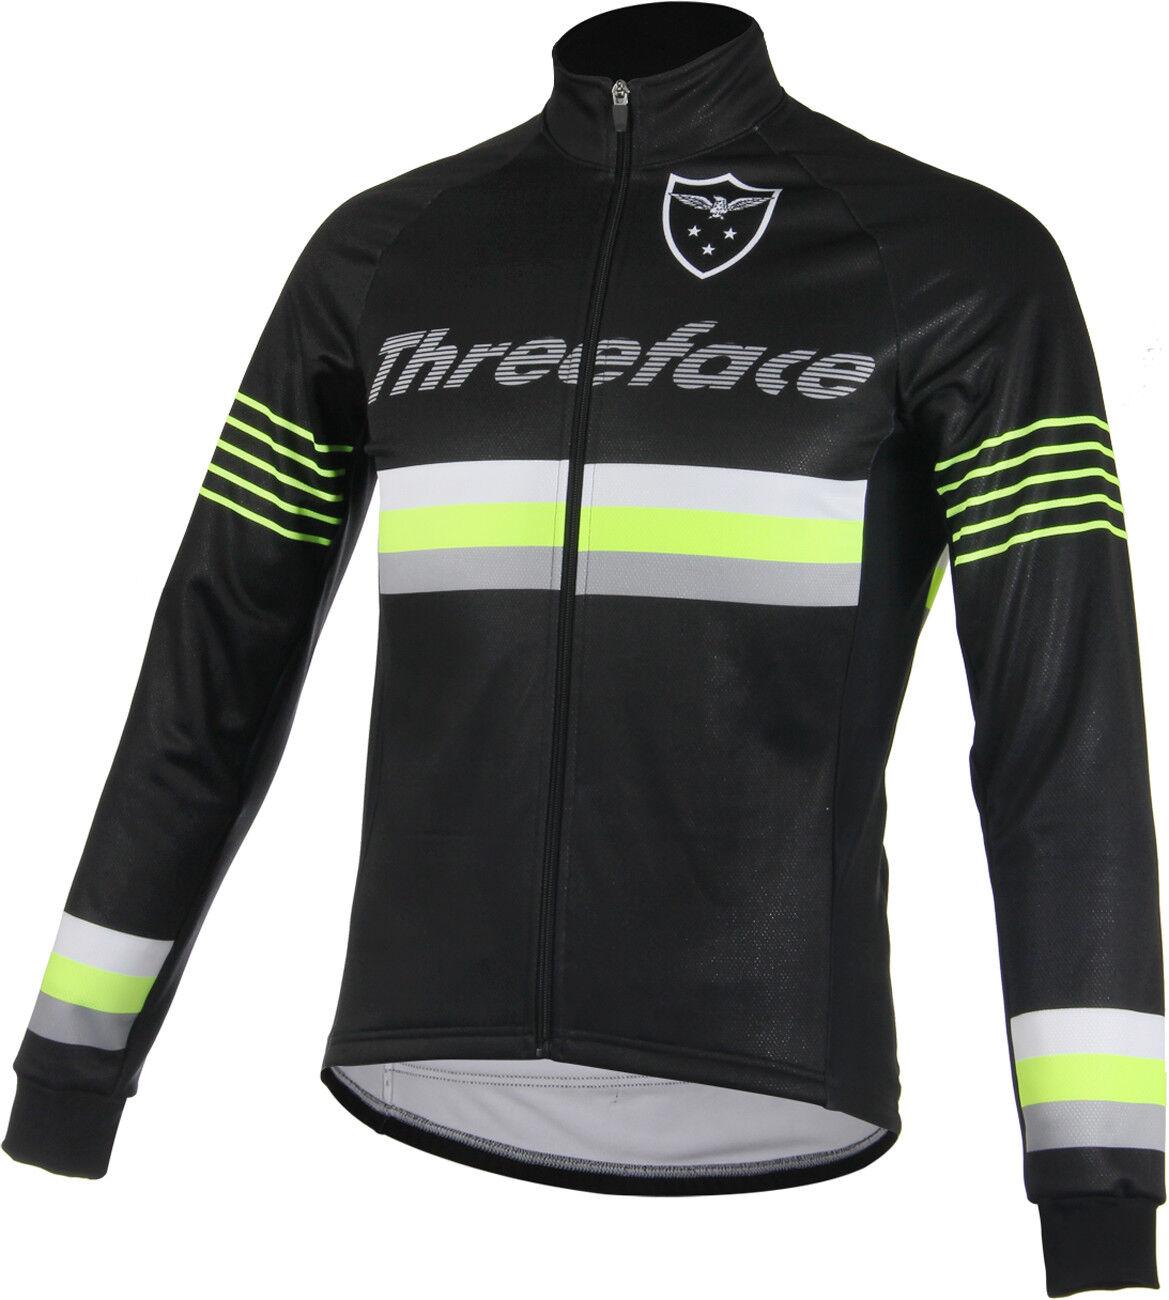 Giubbino invernale ciclismo windtex antivento yellow fluo black bici mtb giacca